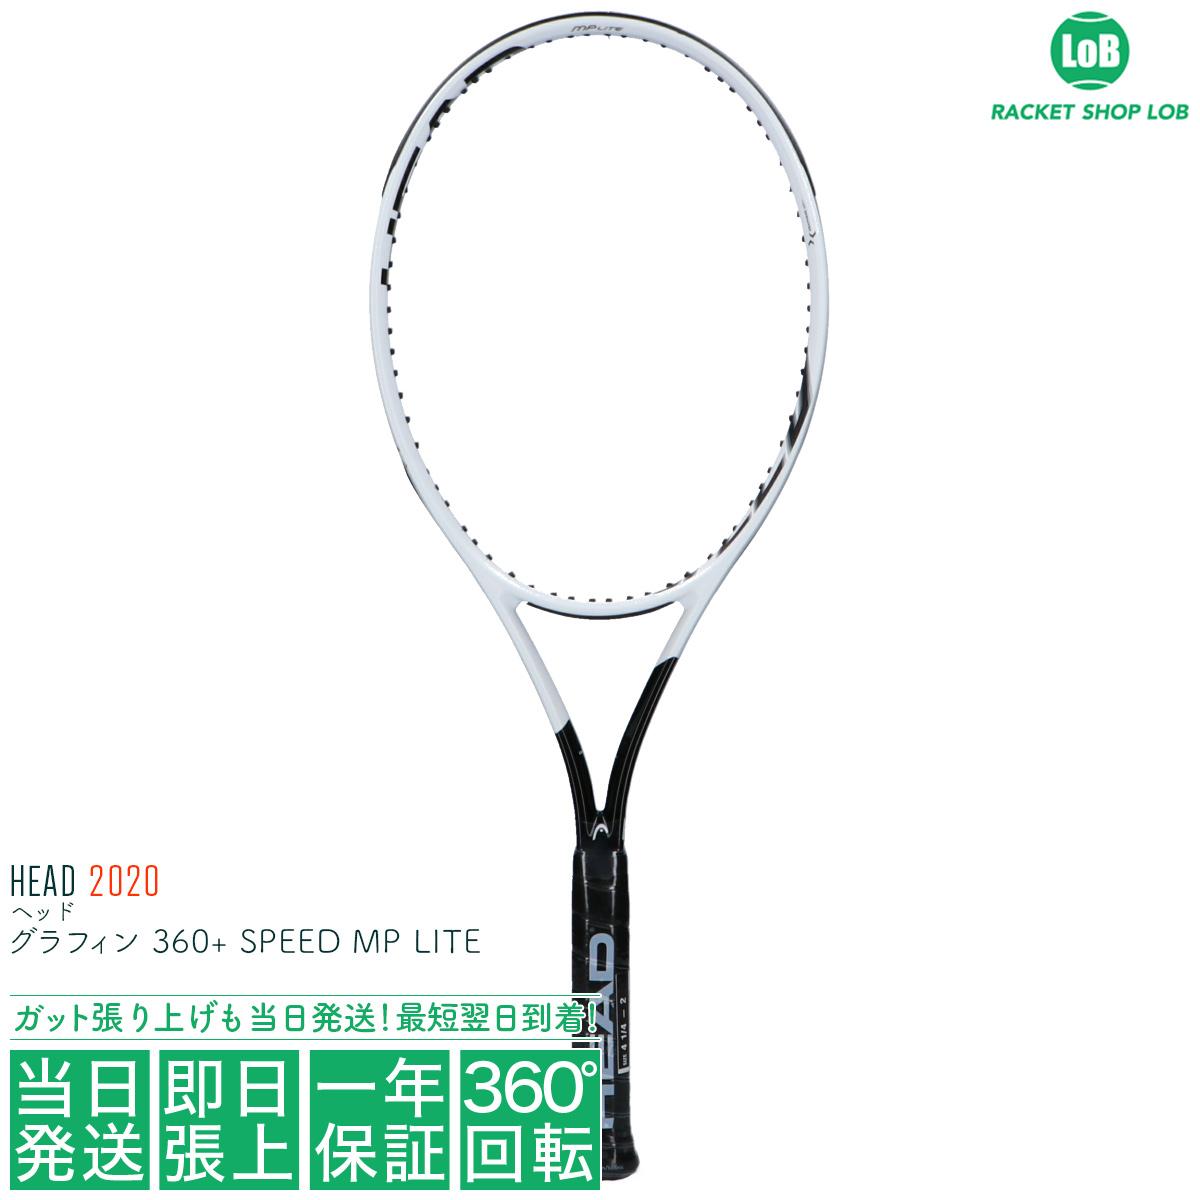 【クーポン利用で5%OFF!】ヘッド グラフィン 360+ スピード MP LITE 2020(HEAD GRAPHENE 360+ SPEED MP LITE)275g 234020 硬式テニスラケット